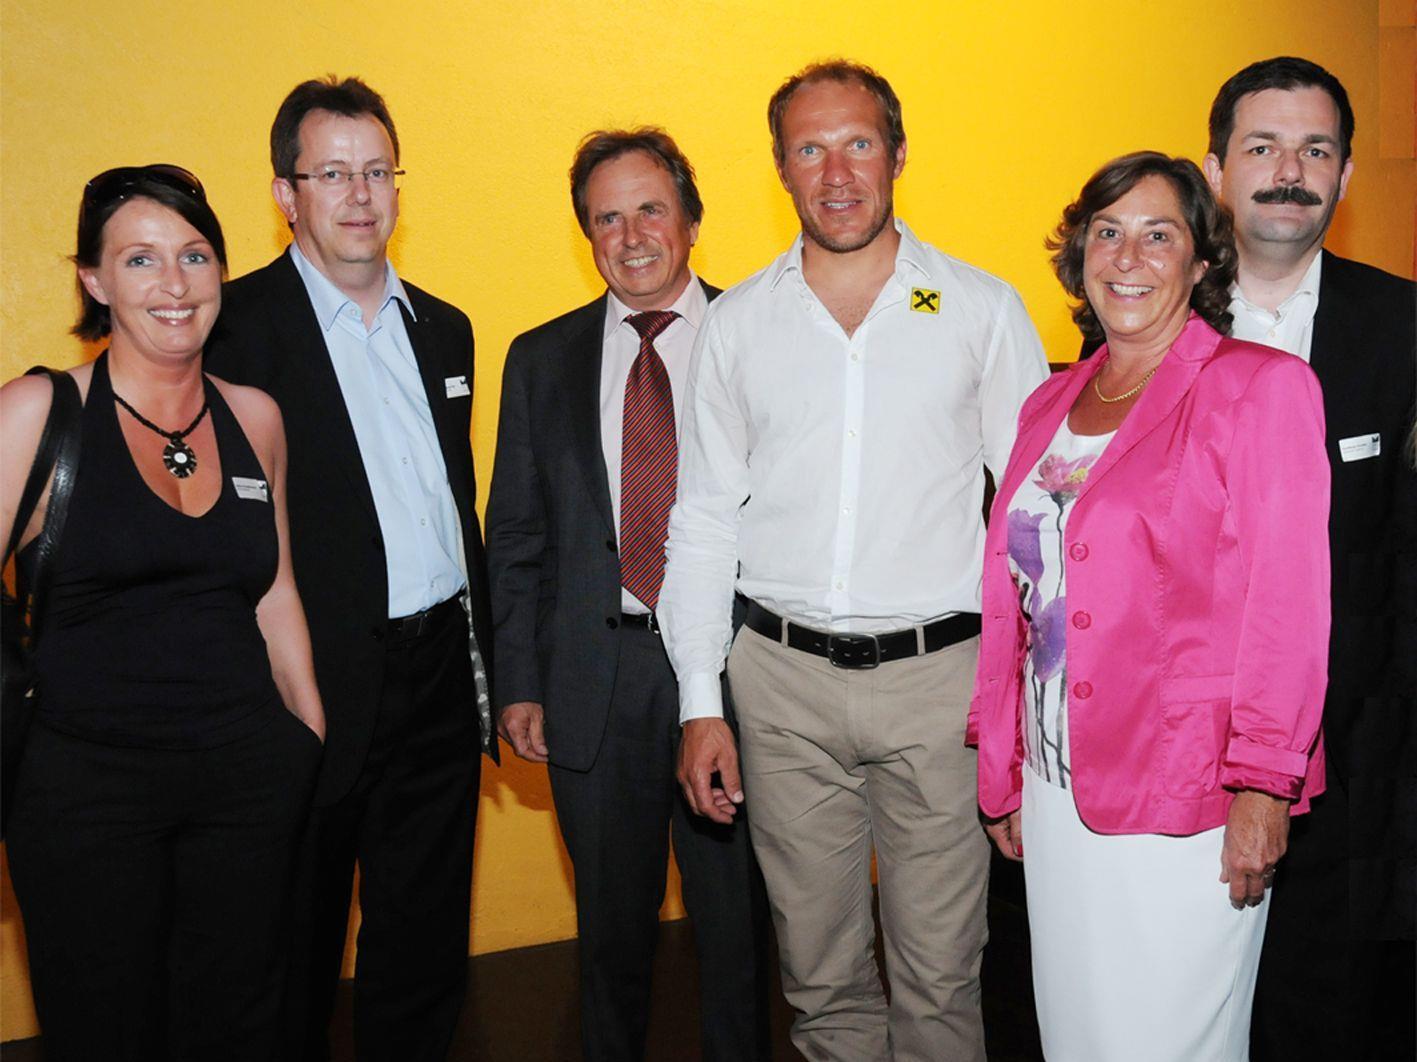 Der Vorstand des Marketingclubs mit Hermann Maier bei der 25-Jahre-Feier in der Otten Gravour.